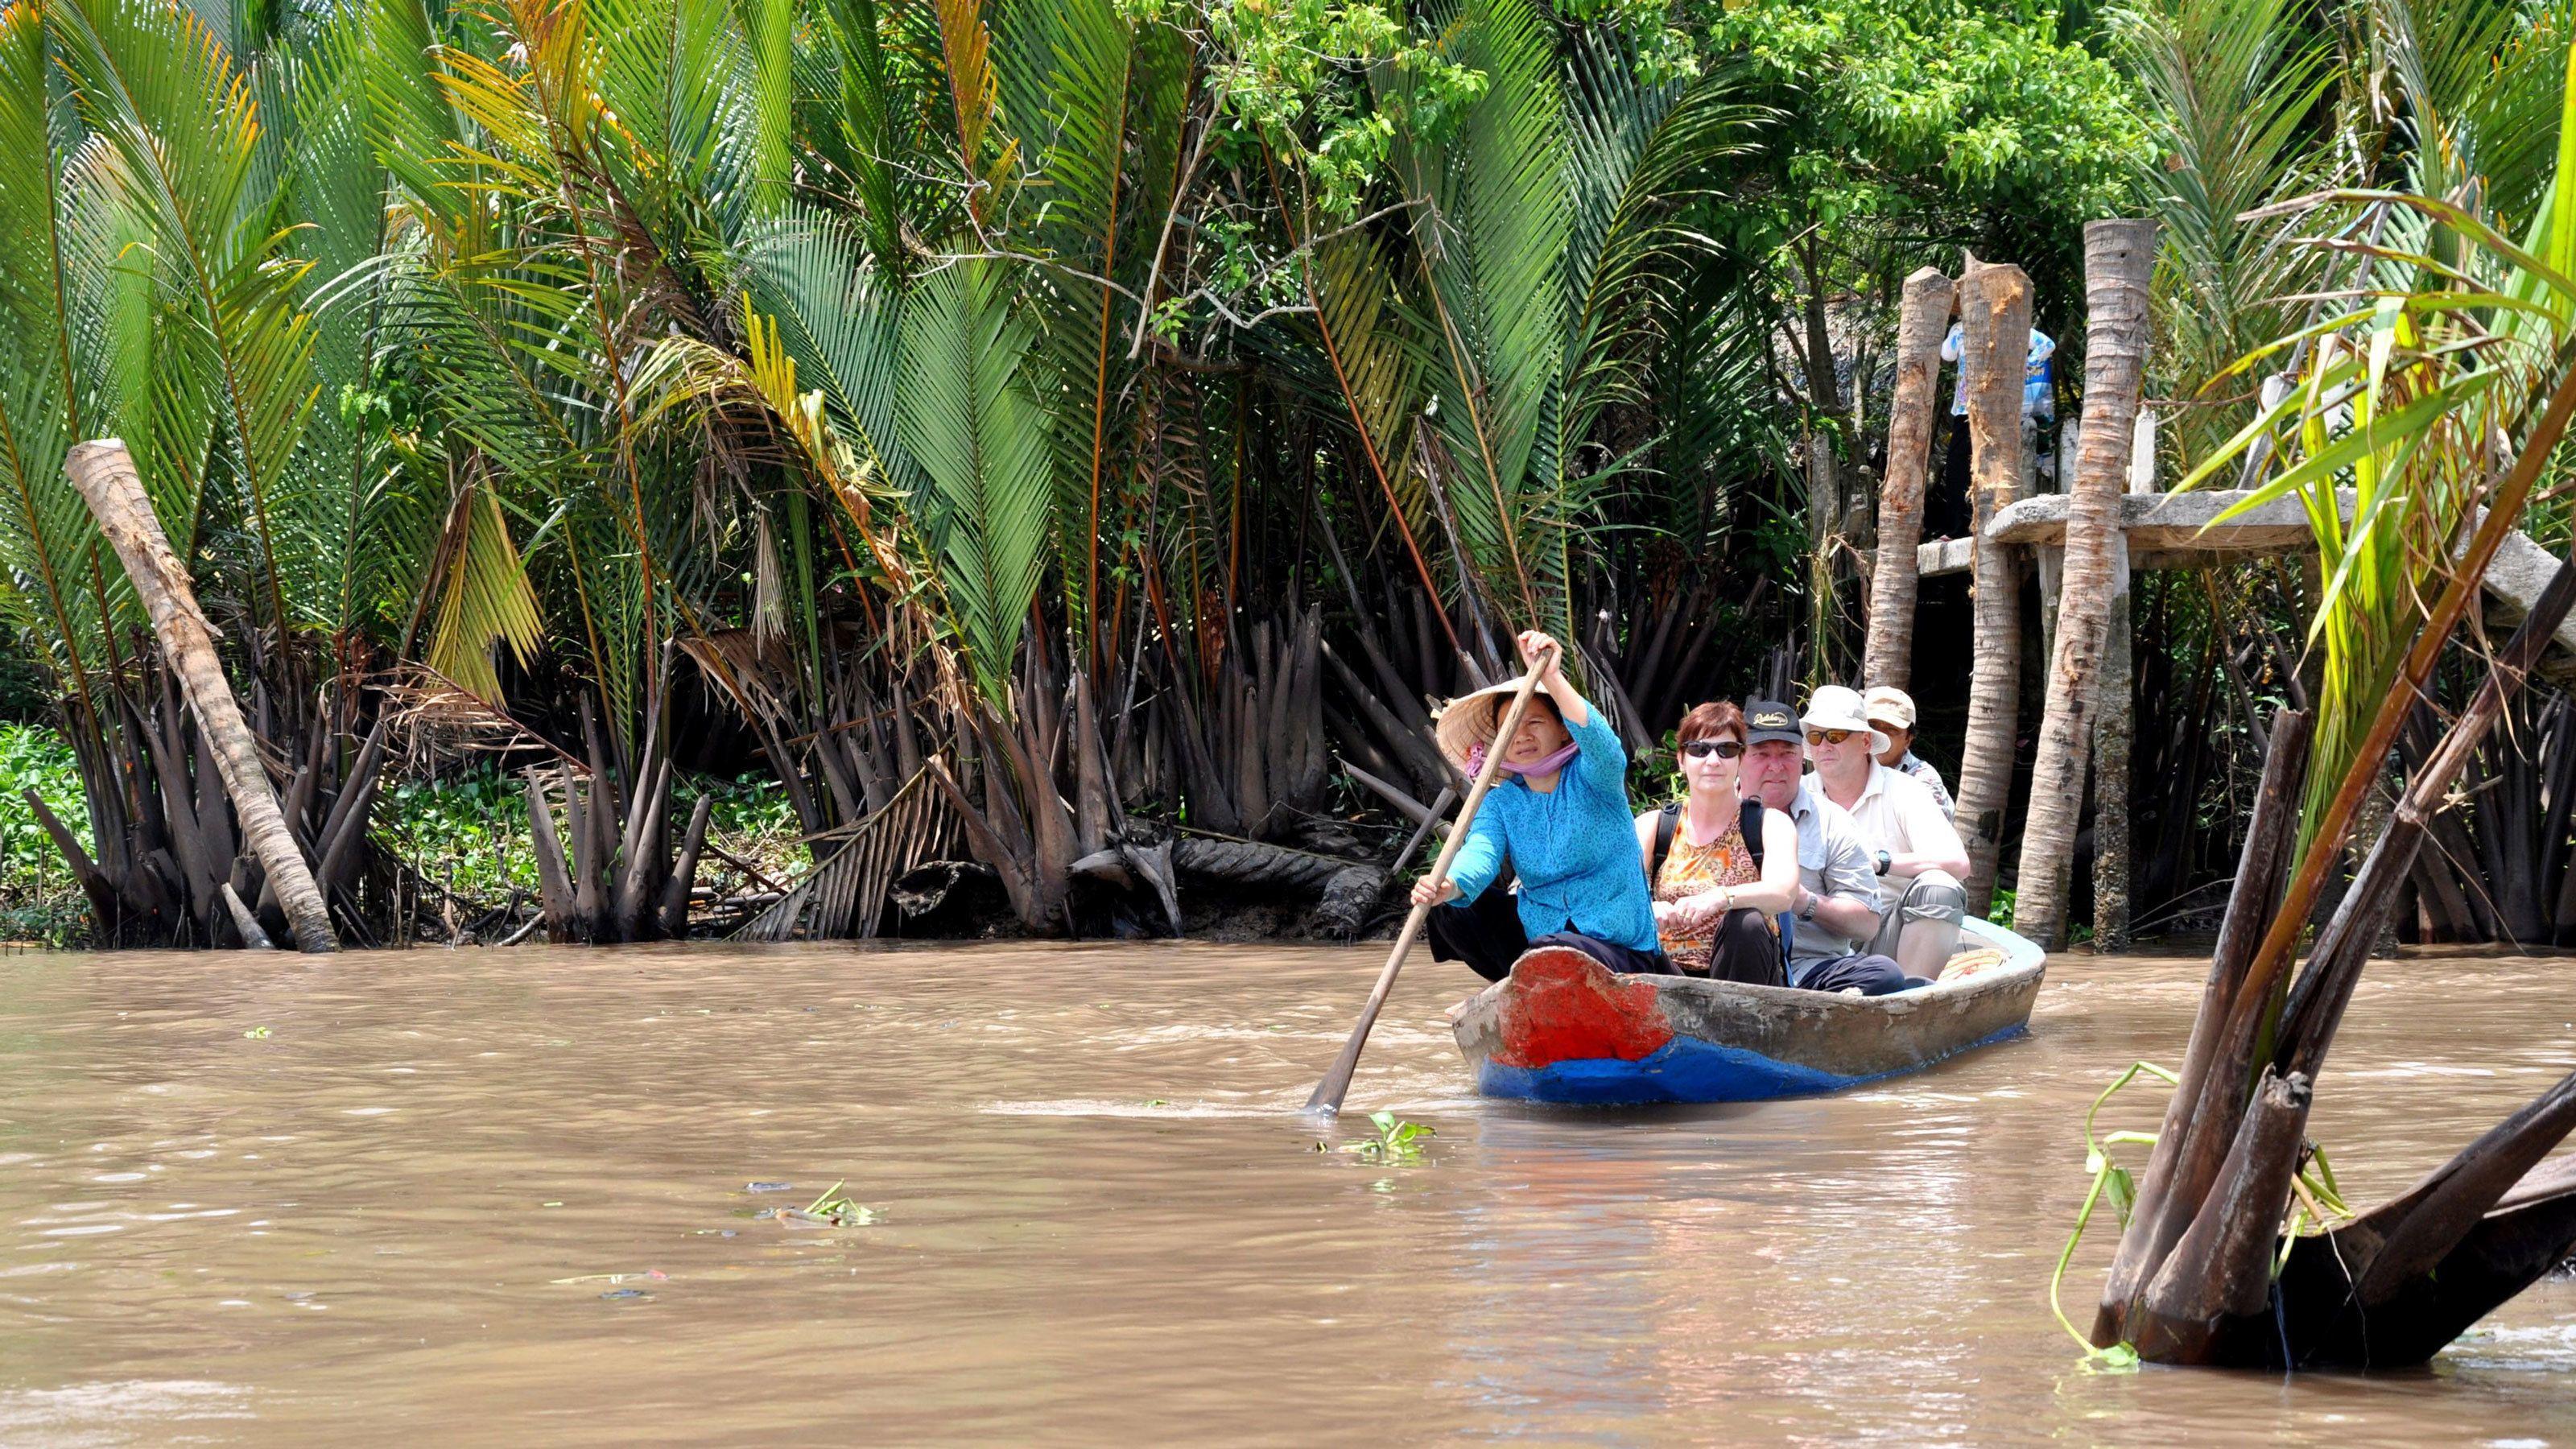 Mekong Delta river cruise in Vietnam